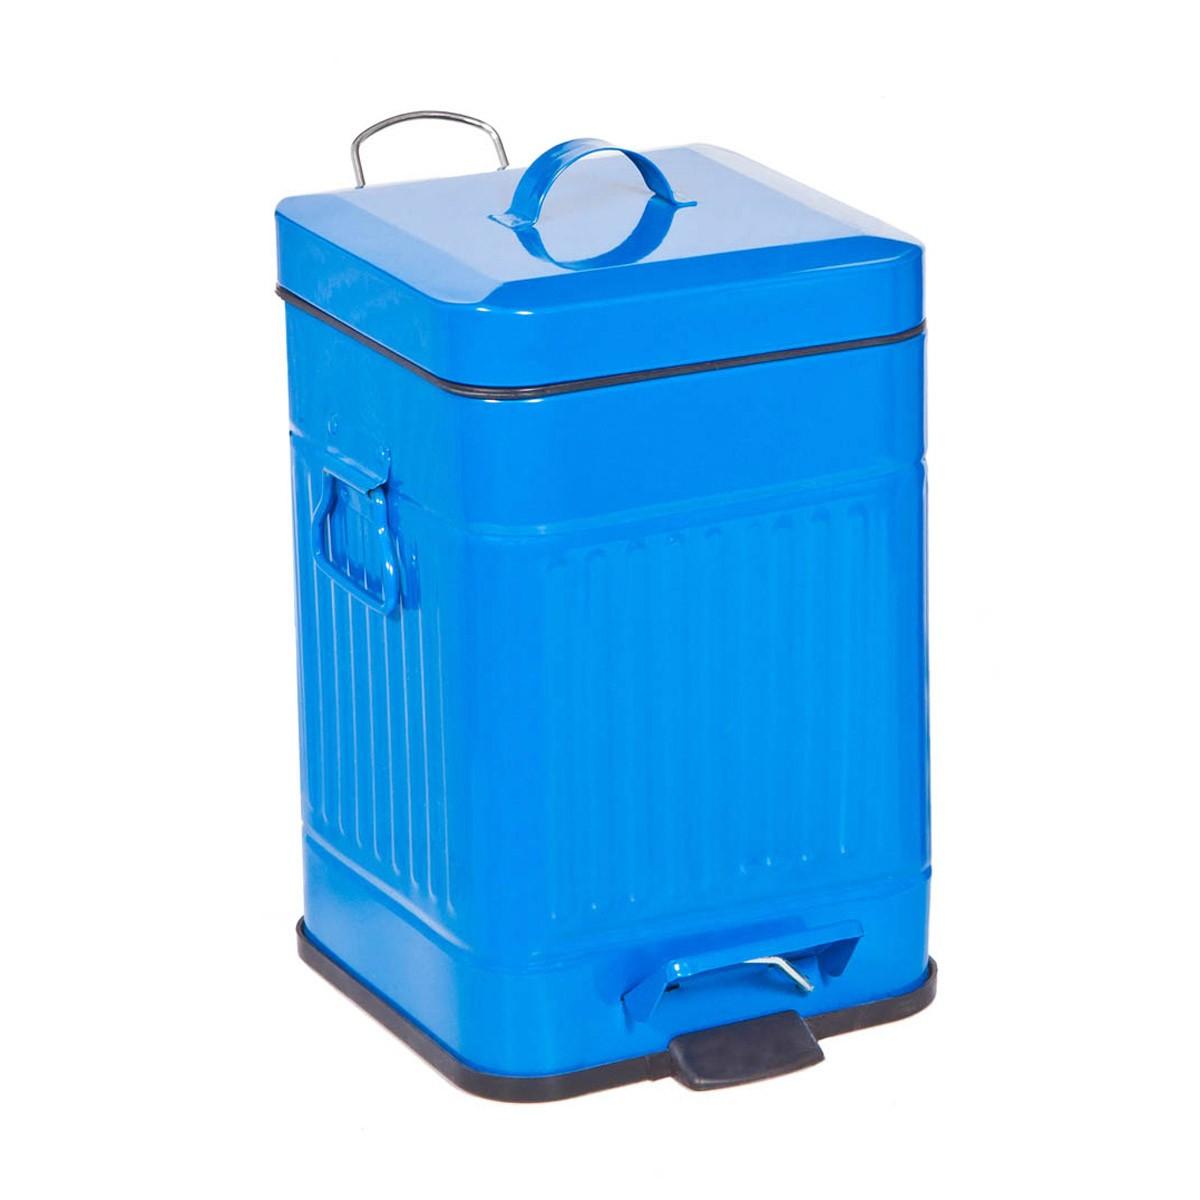 Κάδος Απορριμάτων (25x31) Marva 5Lit Square Blue 478075 home   μπάνιο   κάδοι απορριμμάτων